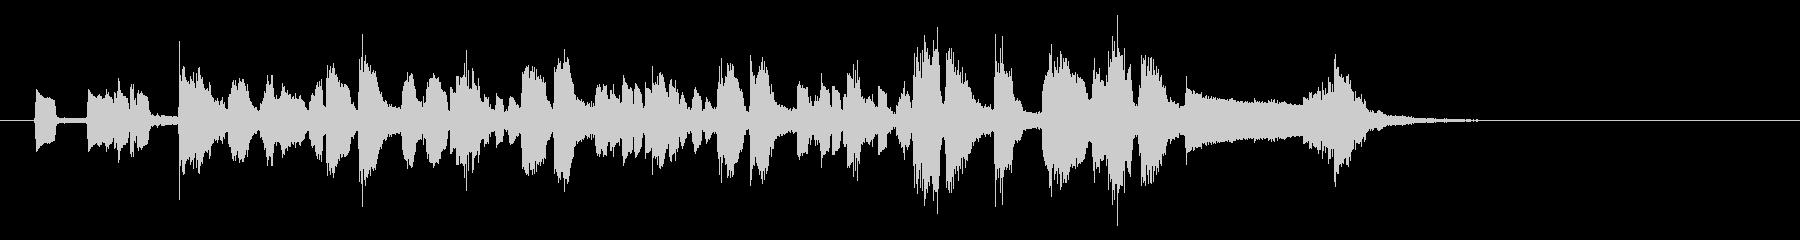 テーマ1:フルミックス、クール、ジ...の未再生の波形